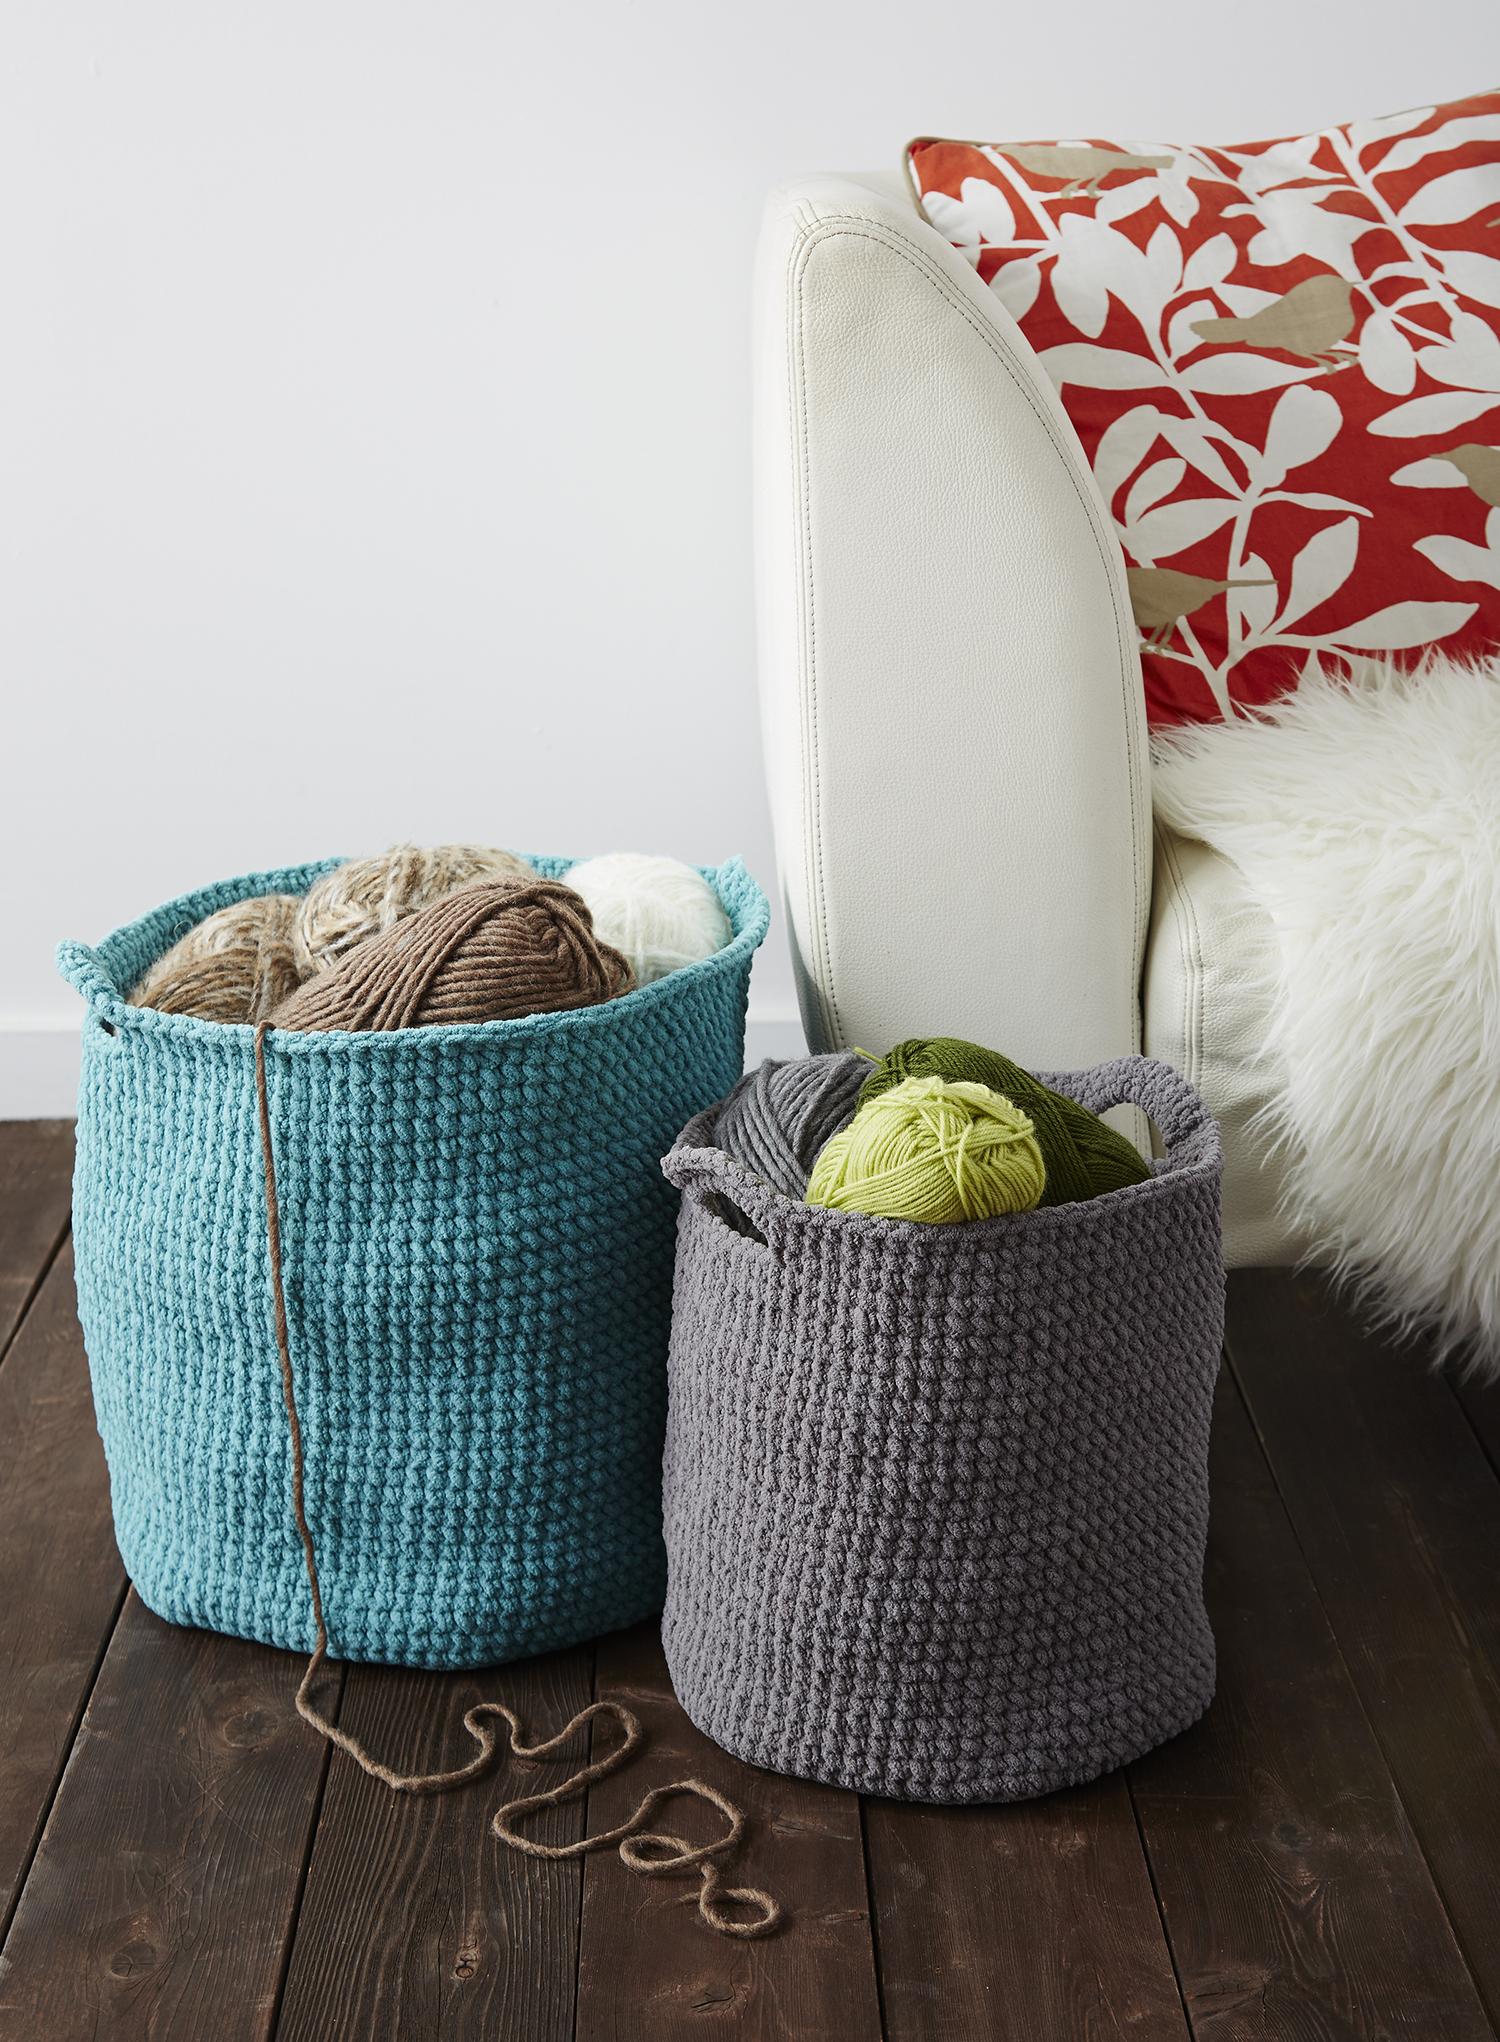 Bernat Blanket Stash Baskets   Knitting/Crochet   Pinterest